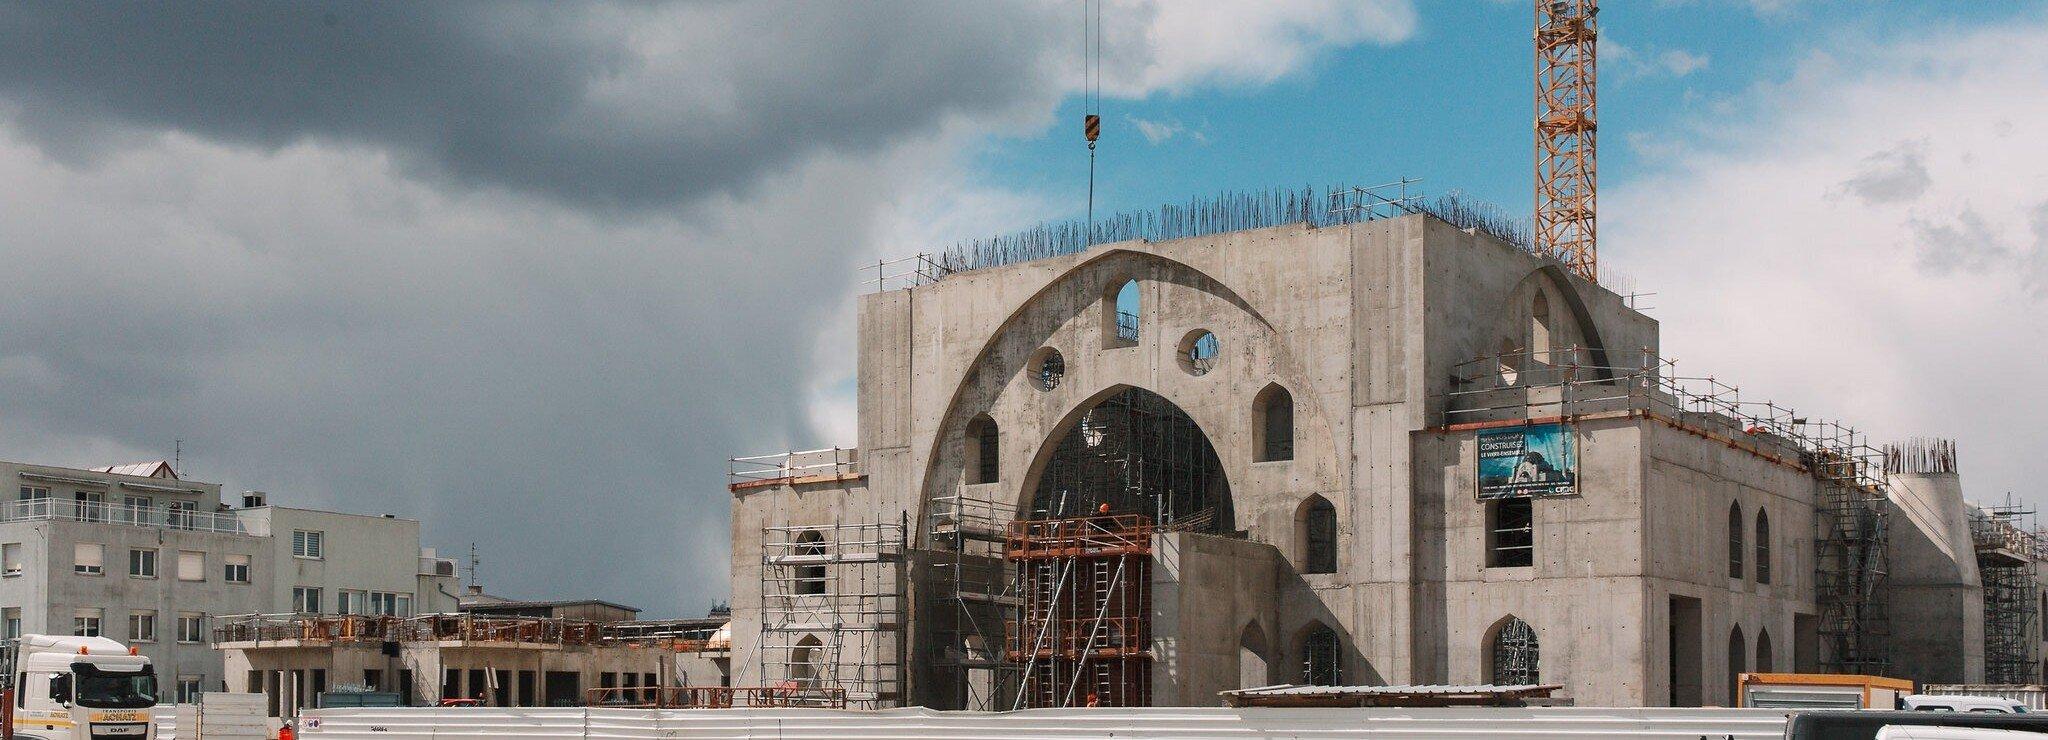 Mosquée, école, «grand frère»… Les services socio-religieux de Milli Görüs pour ses fidèles